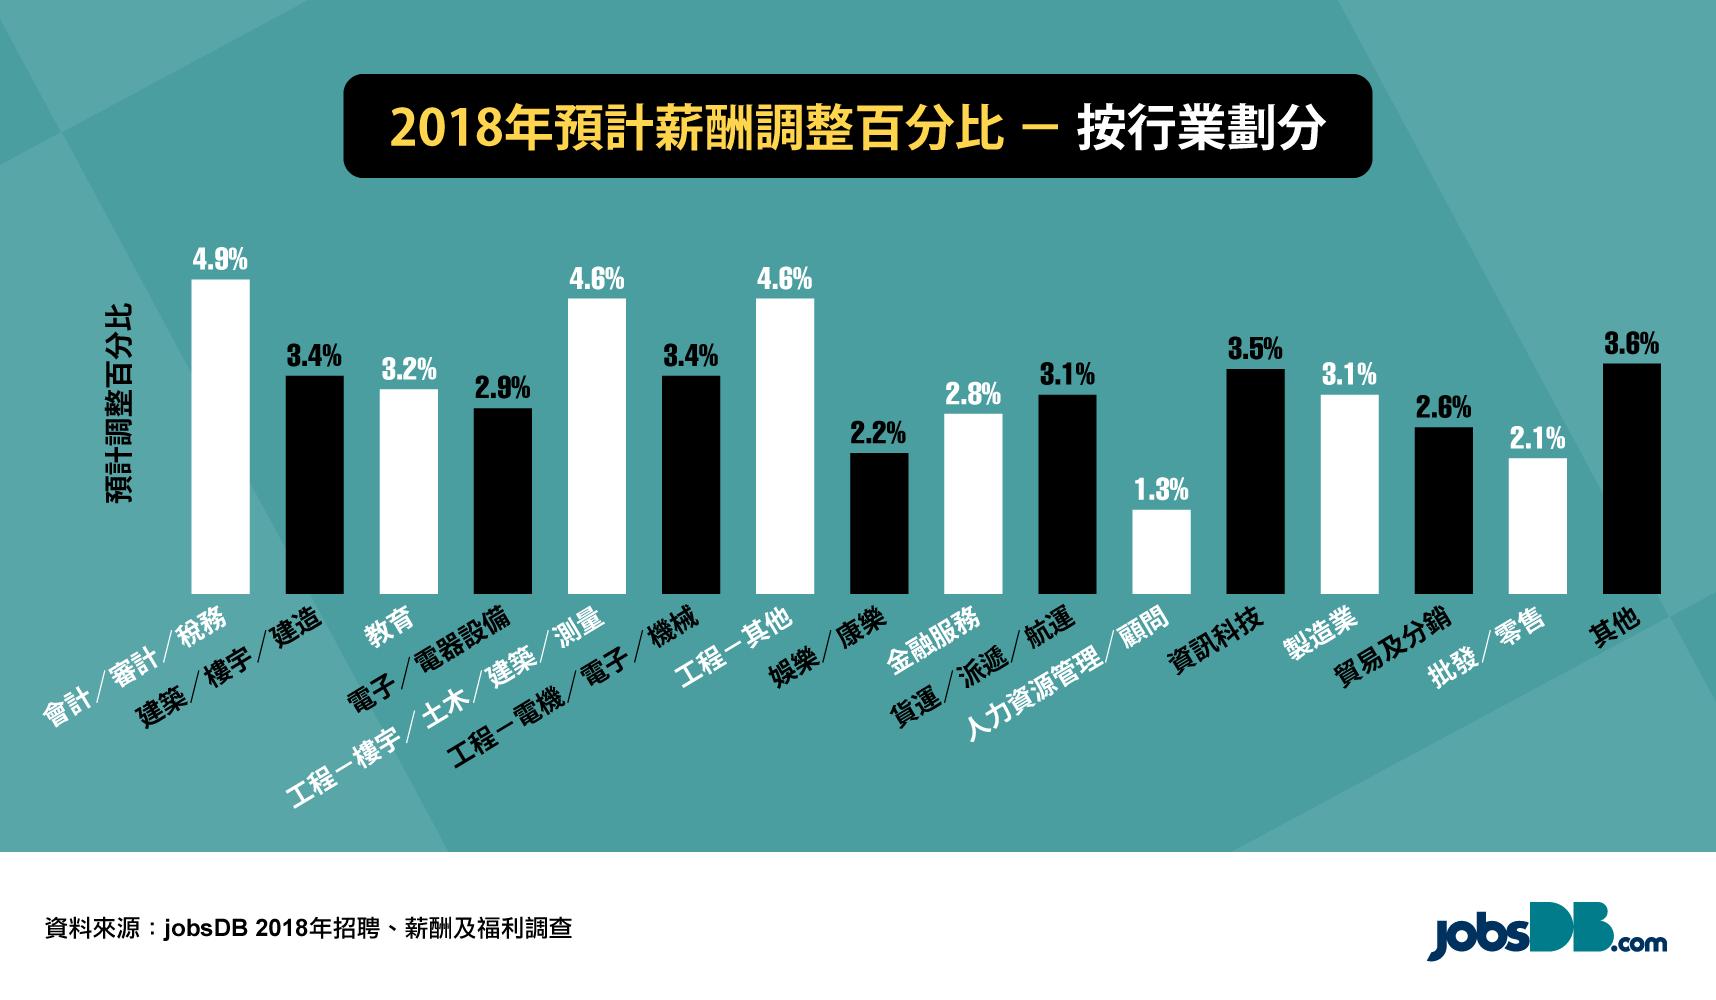 預計2018年僅七成僱員獲加薪 幅度3.3%